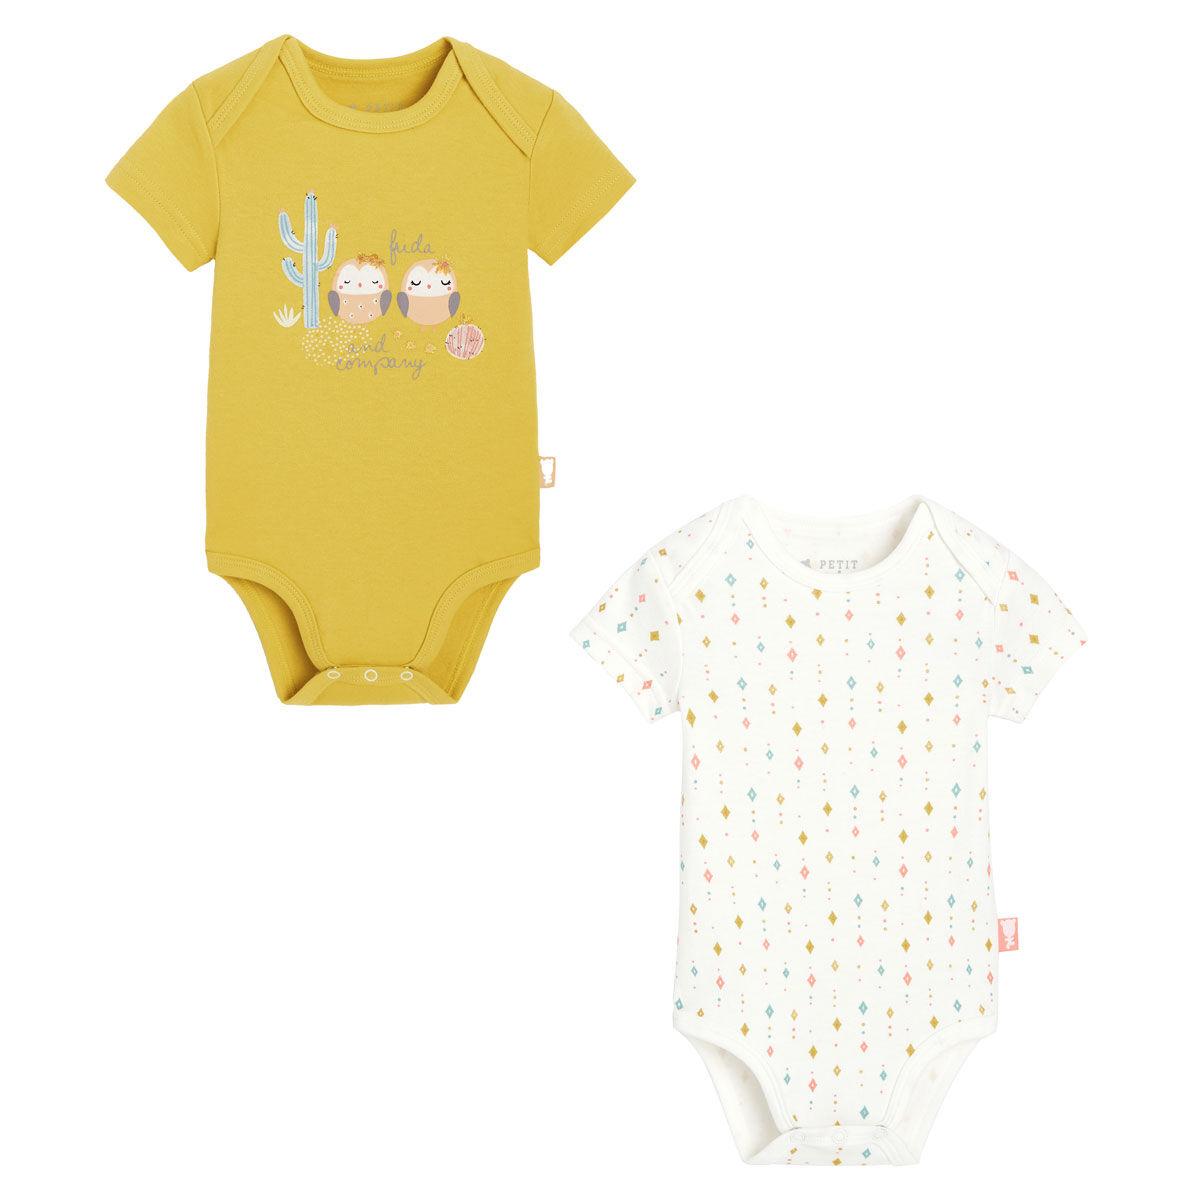 Petit Béguin Lot de 2 bodies bébé fille manches courtes Frida - Taille - 18 mois